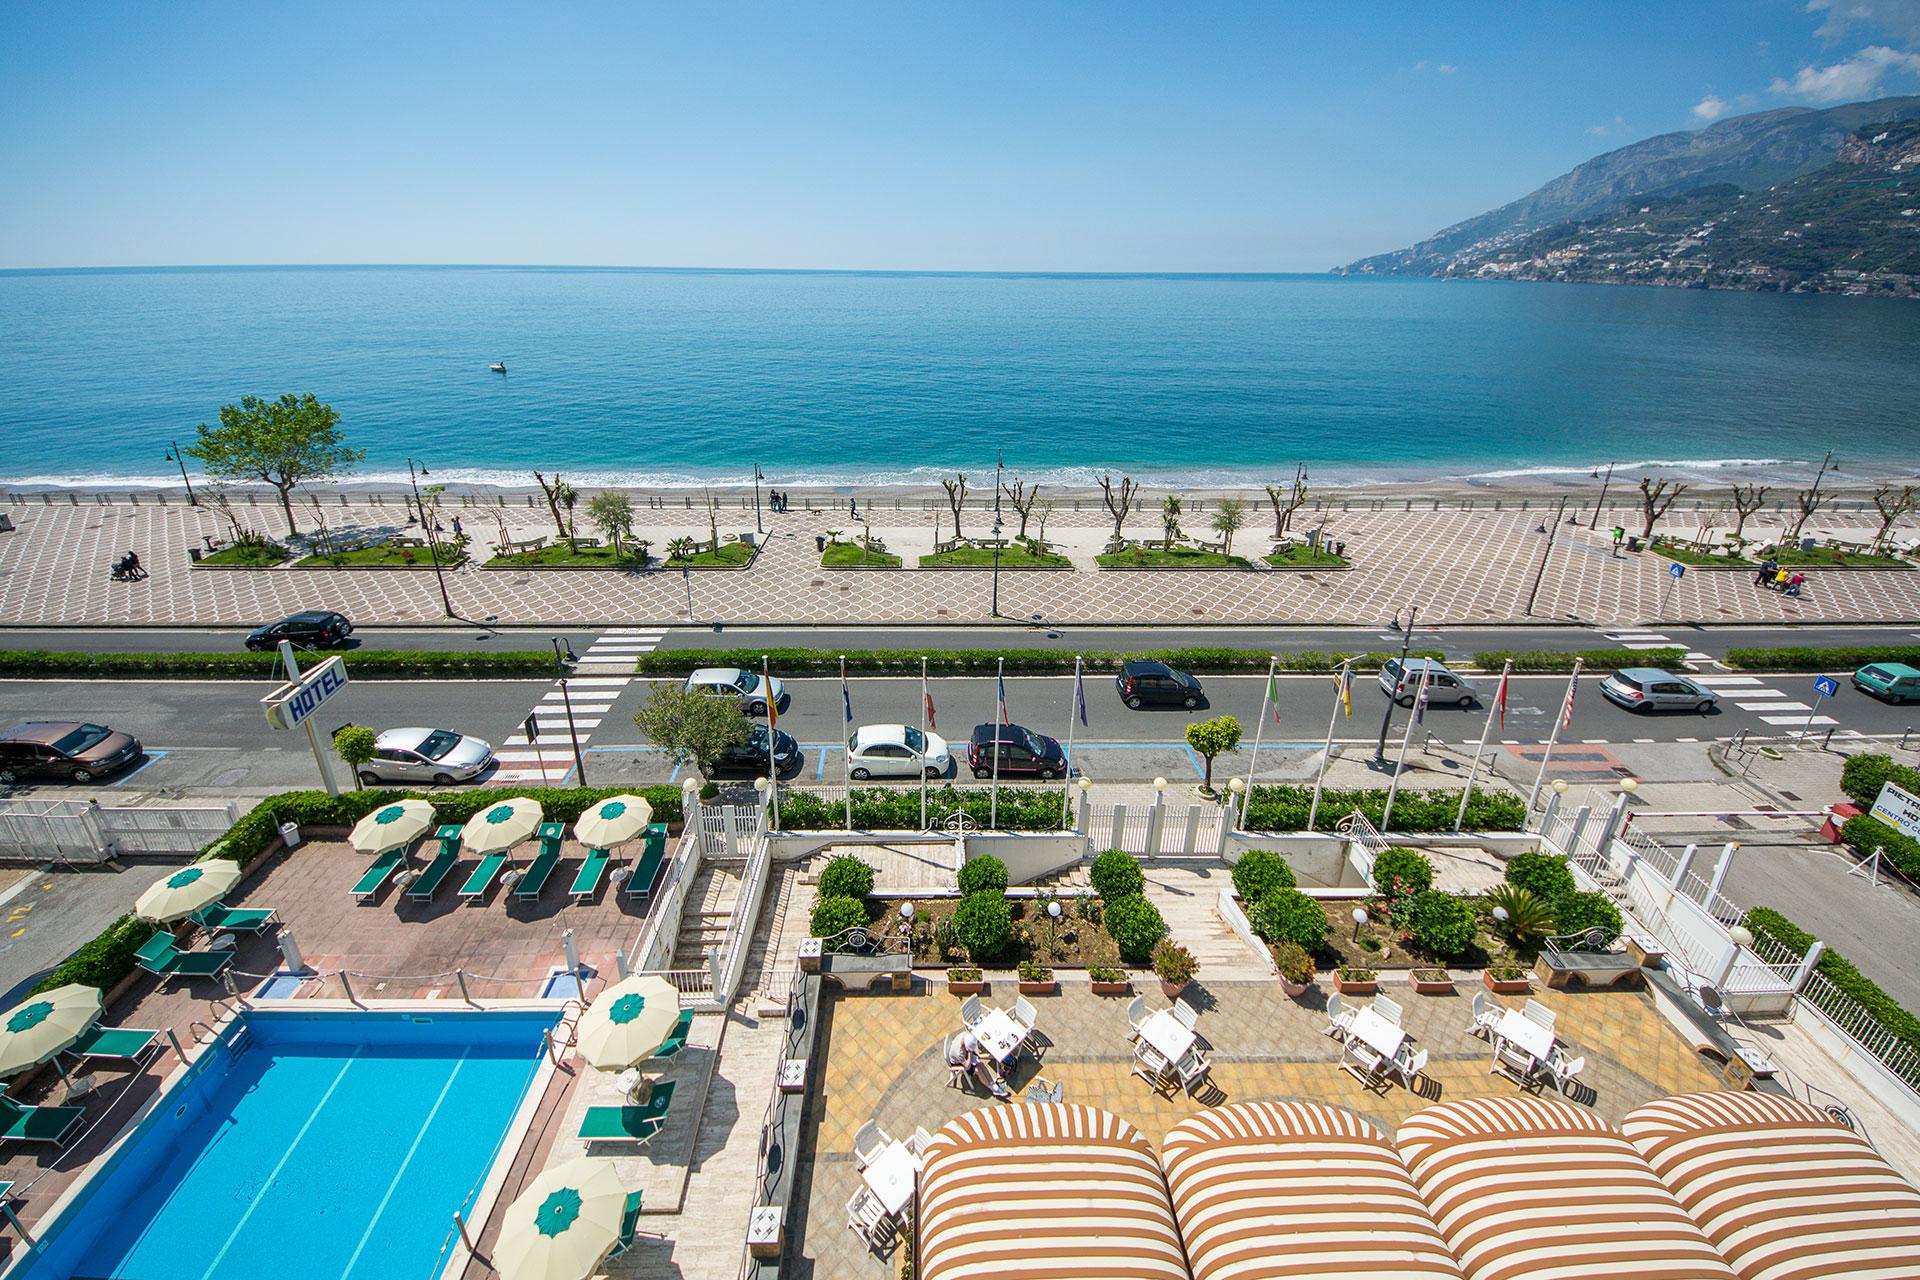 Hotel Pietra Di Luna Hotel In Maiori Amalfi Coast